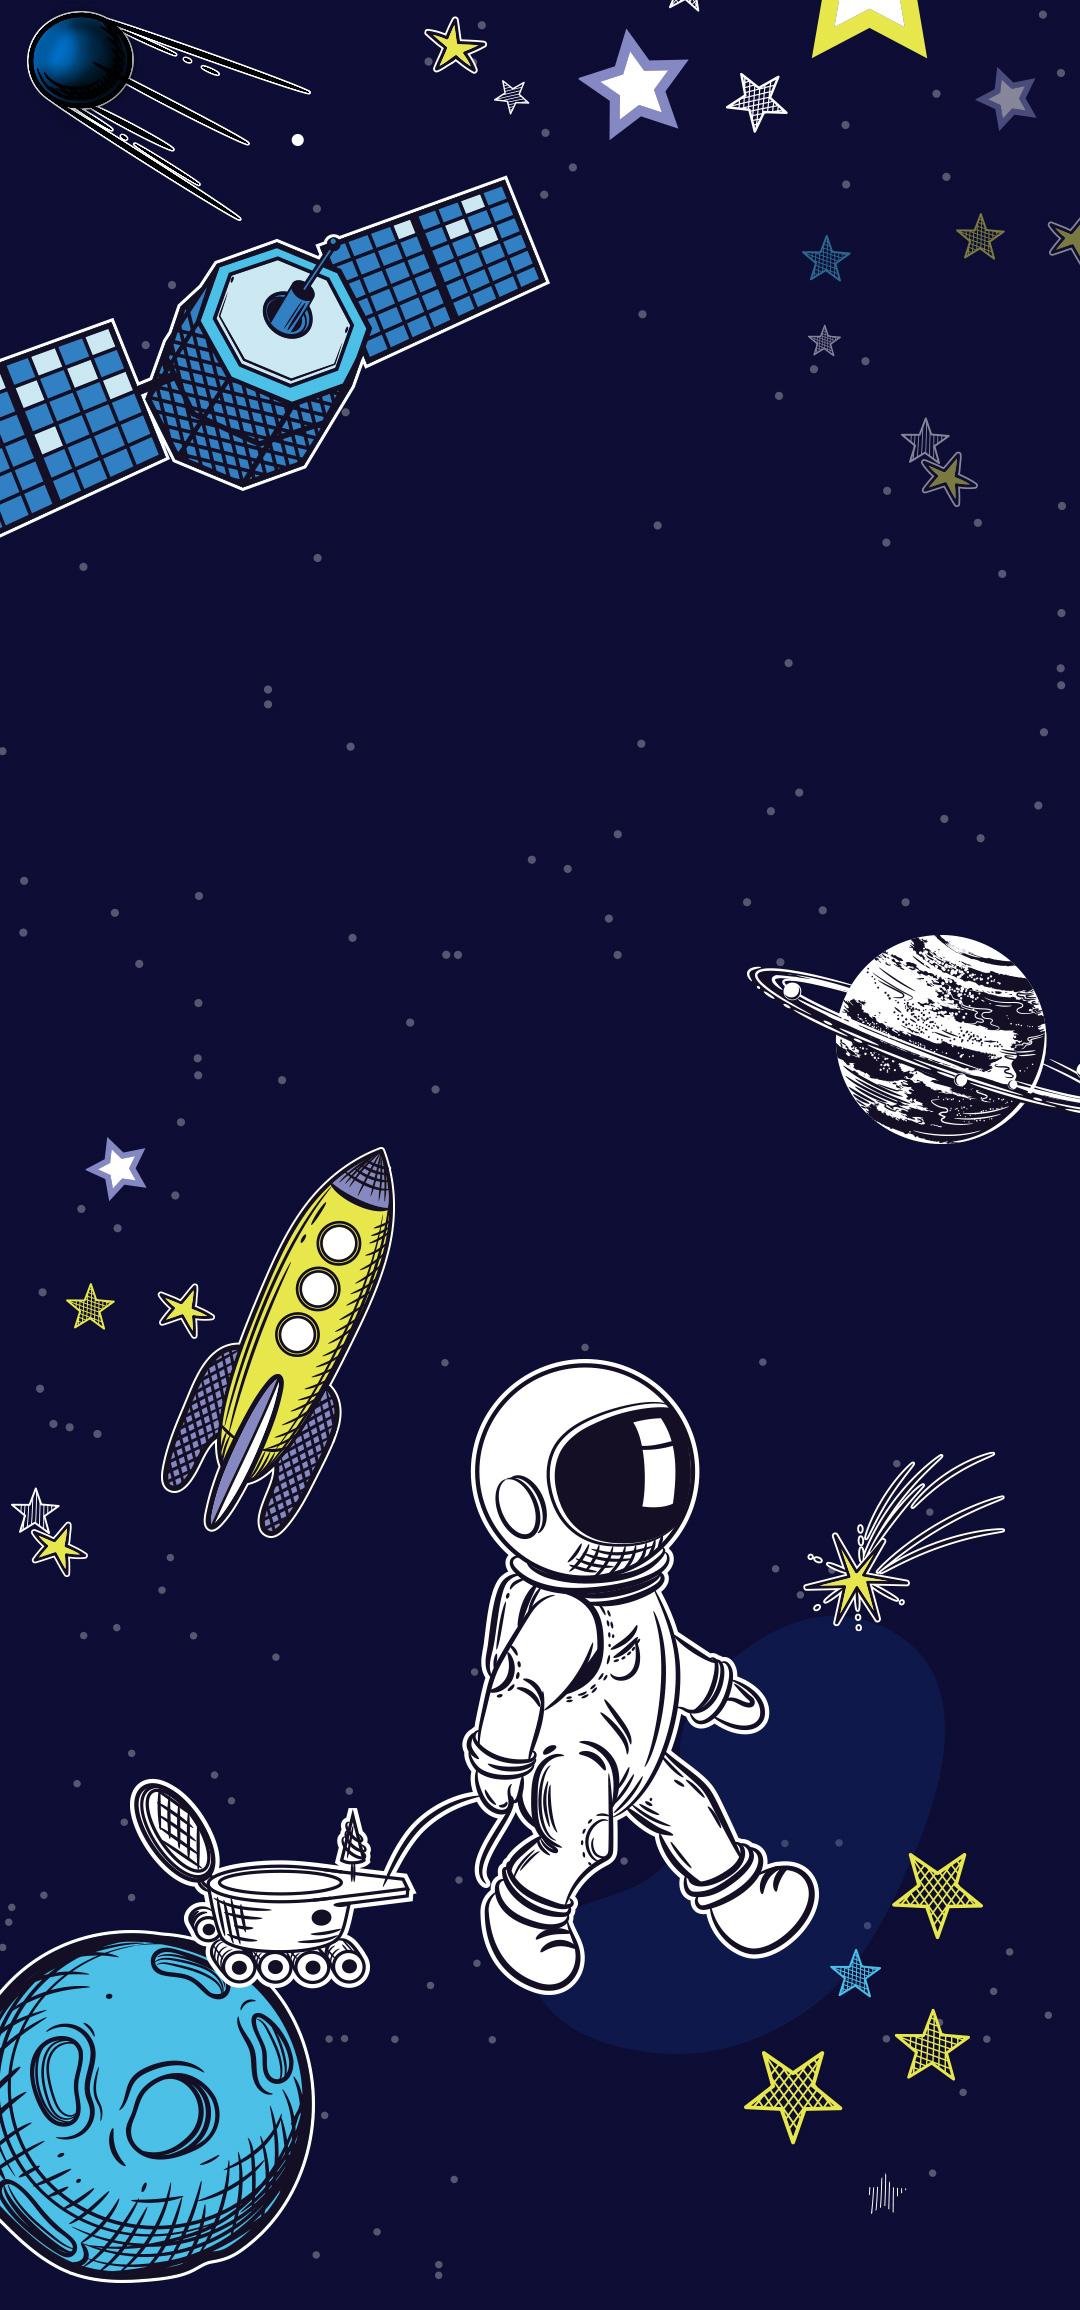 航天员.jpg